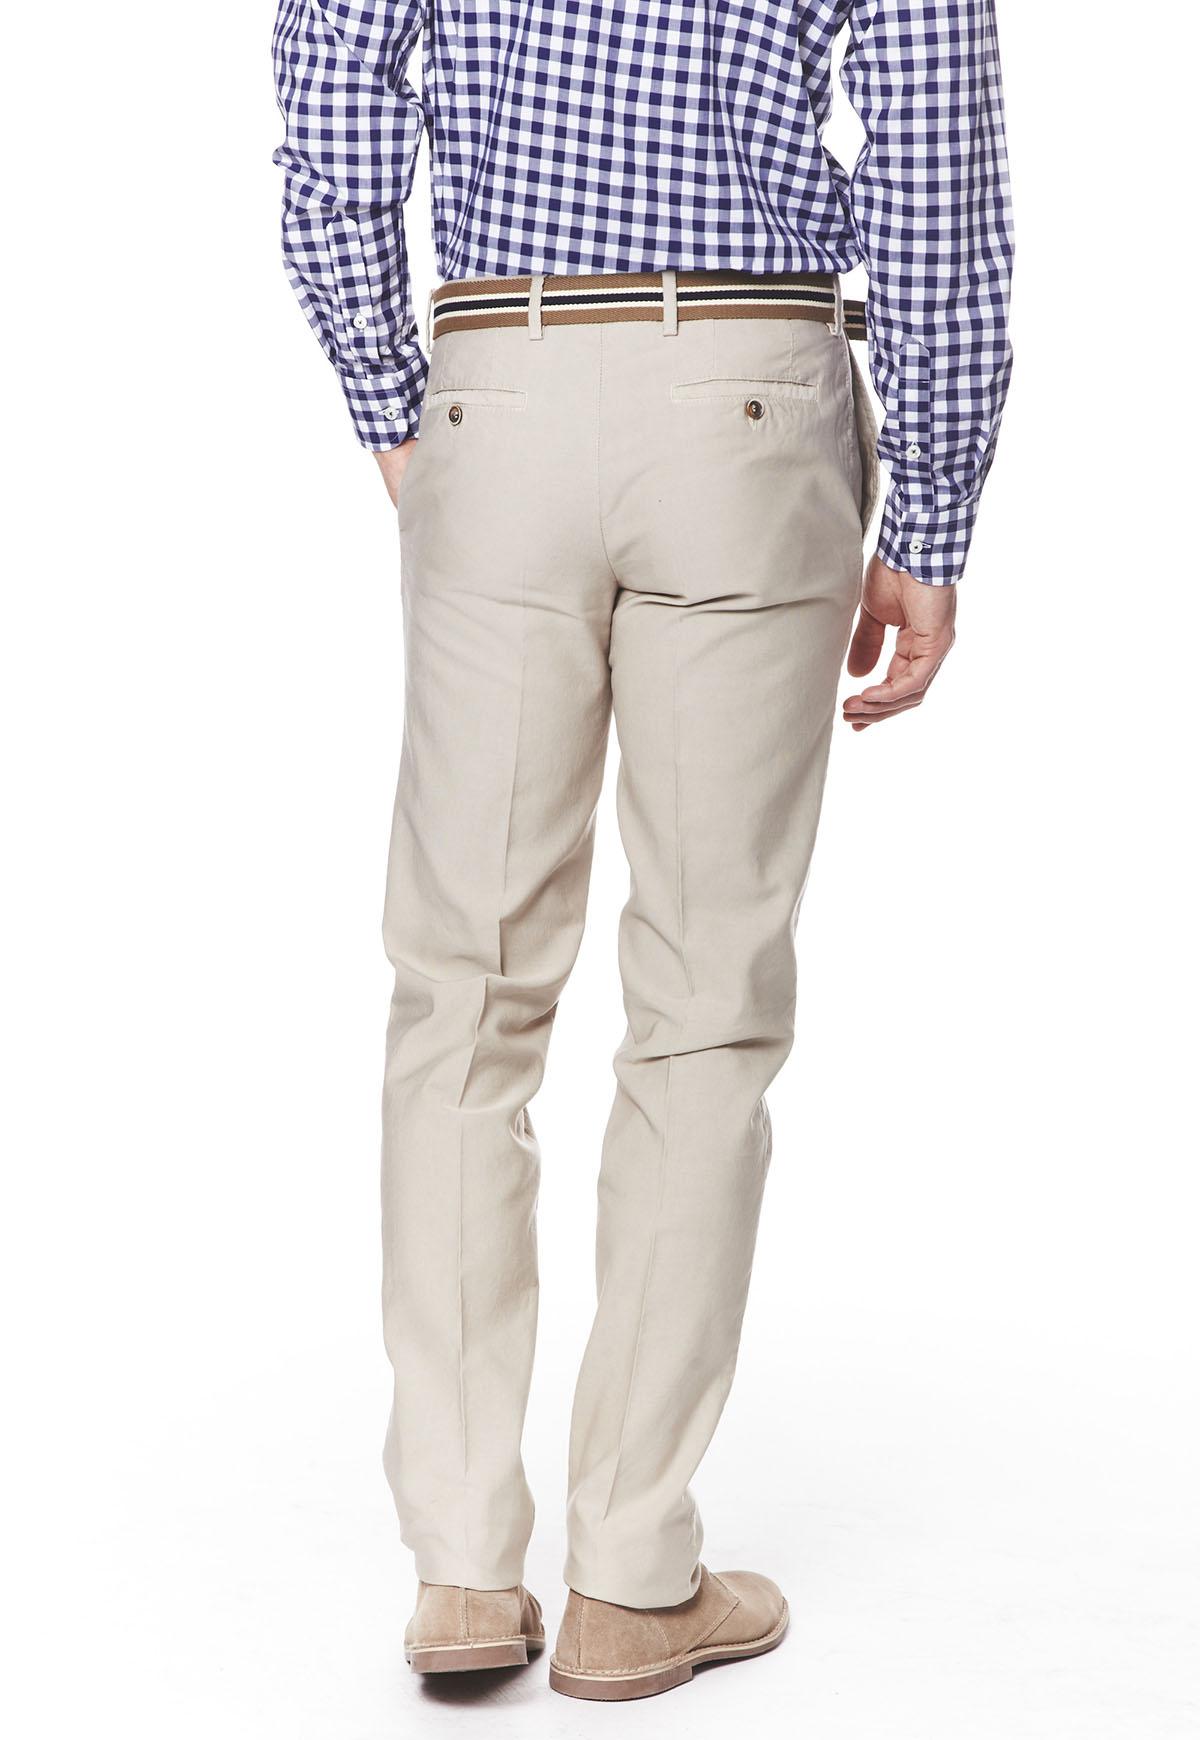 pantalon homme eux aussi ont le droit de porter des v tements chic pour tre tendance. Black Bedroom Furniture Sets. Home Design Ideas